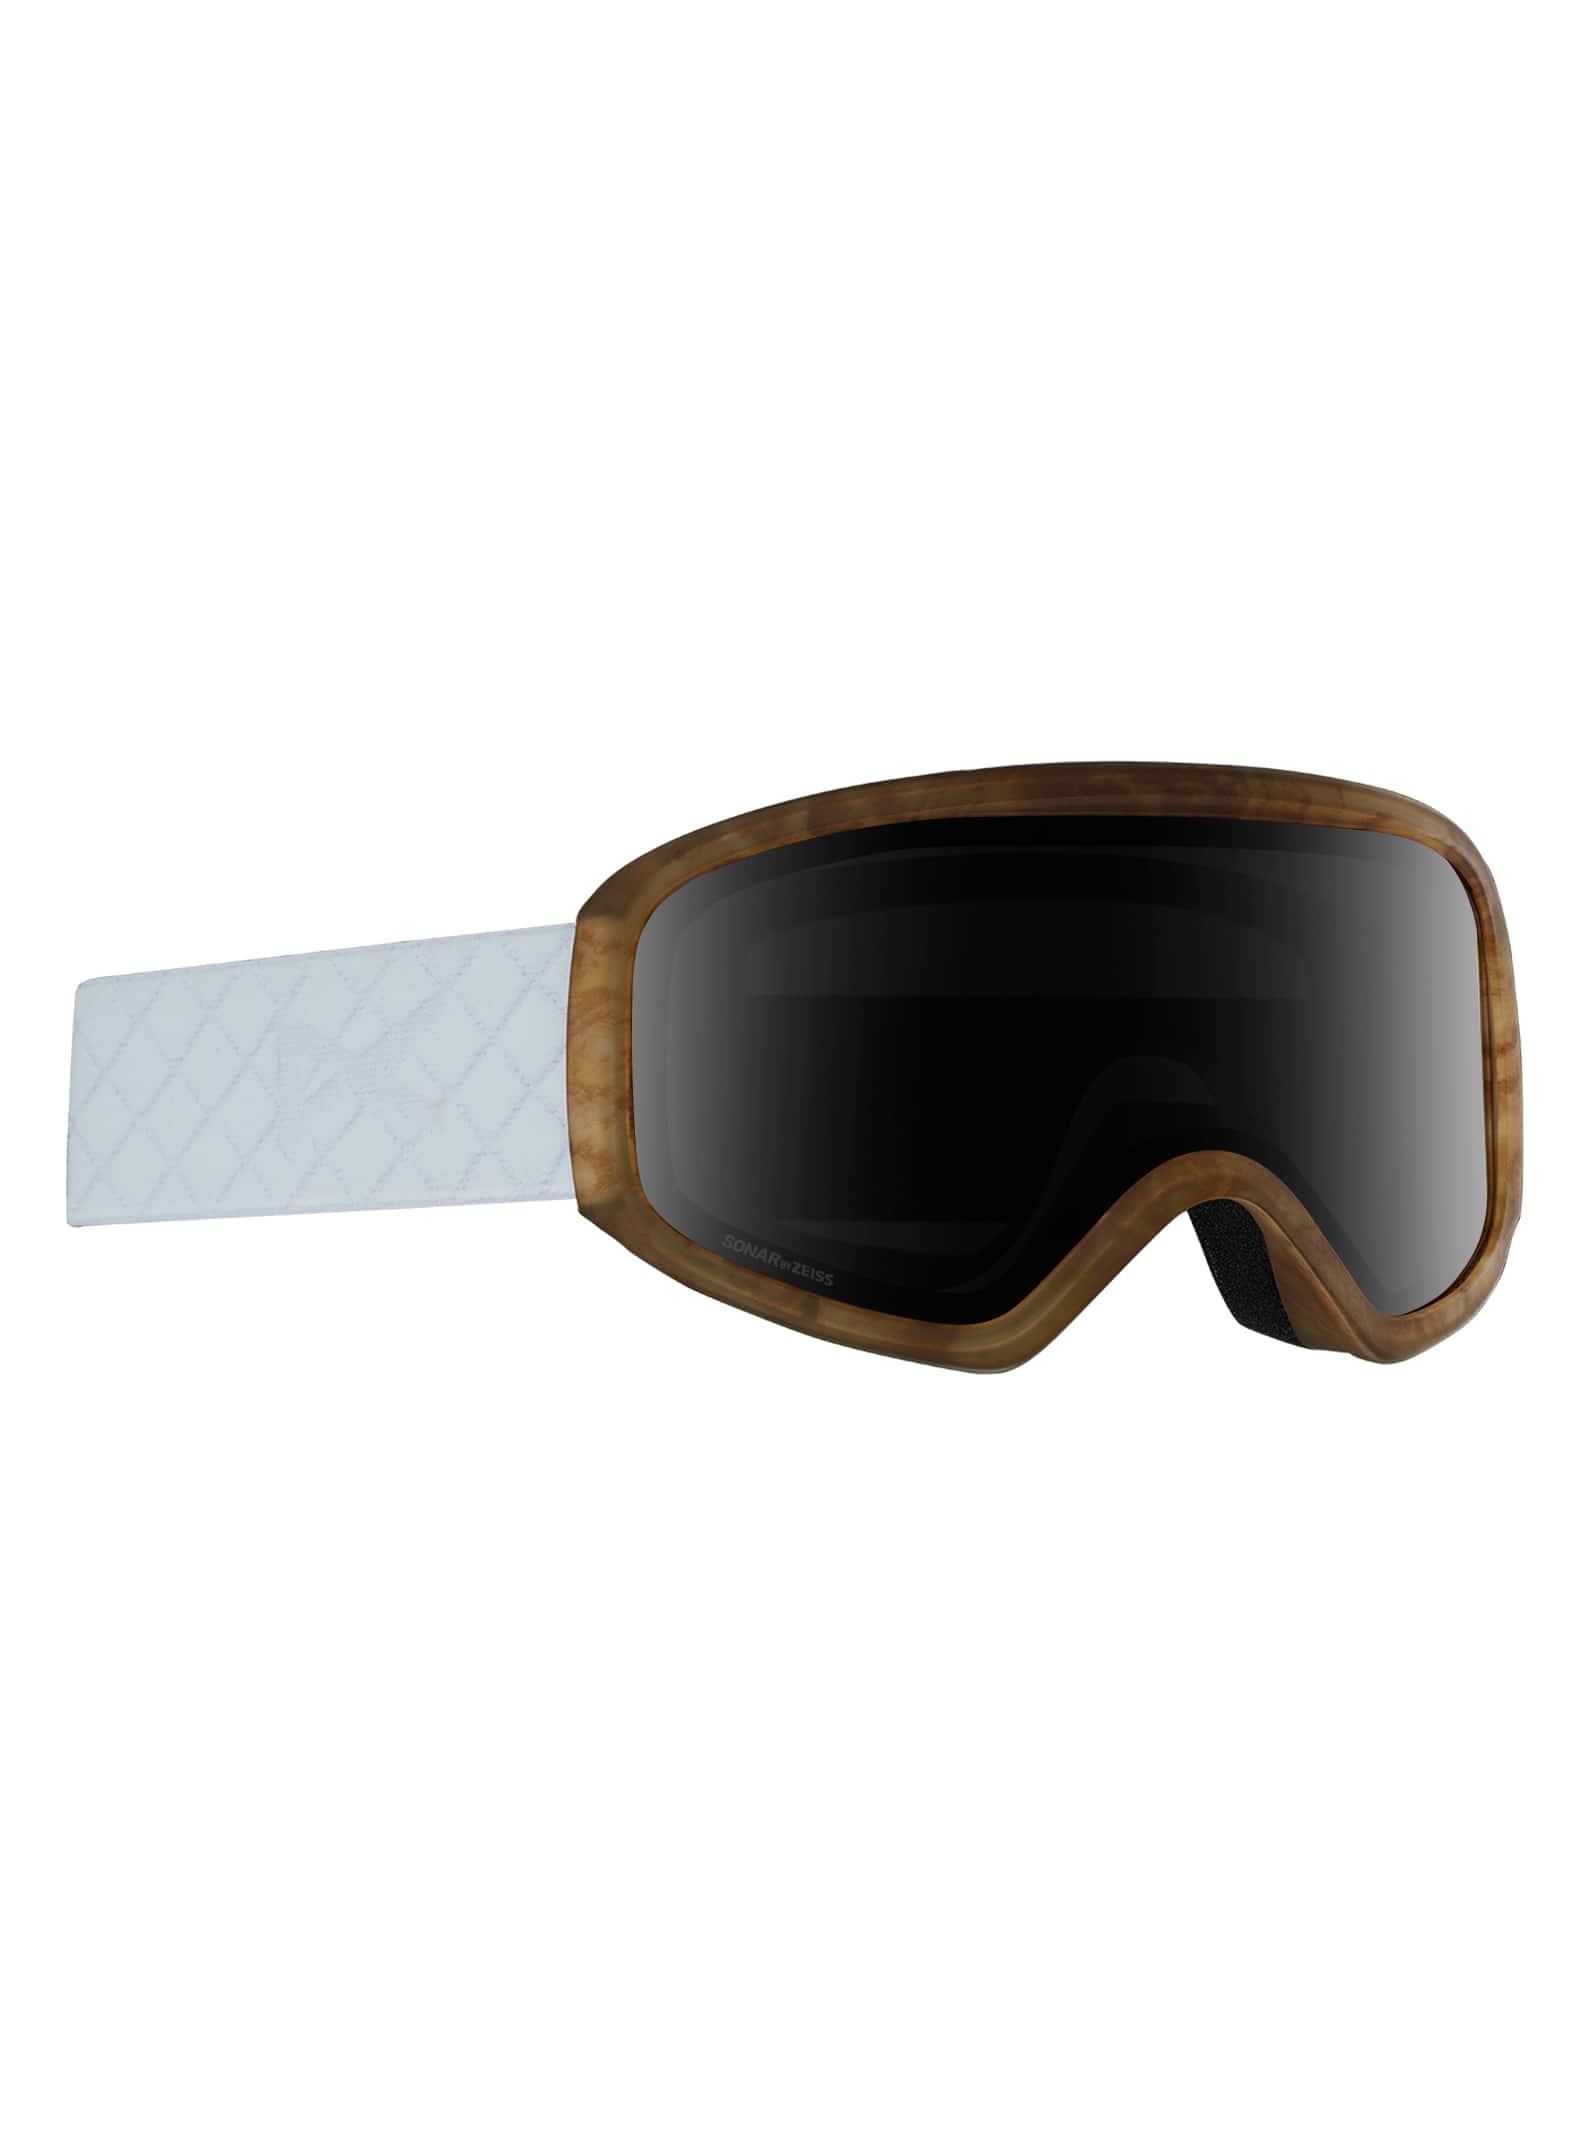 Anon Insight Sonar skidglasögon + reservlins för kvinnor